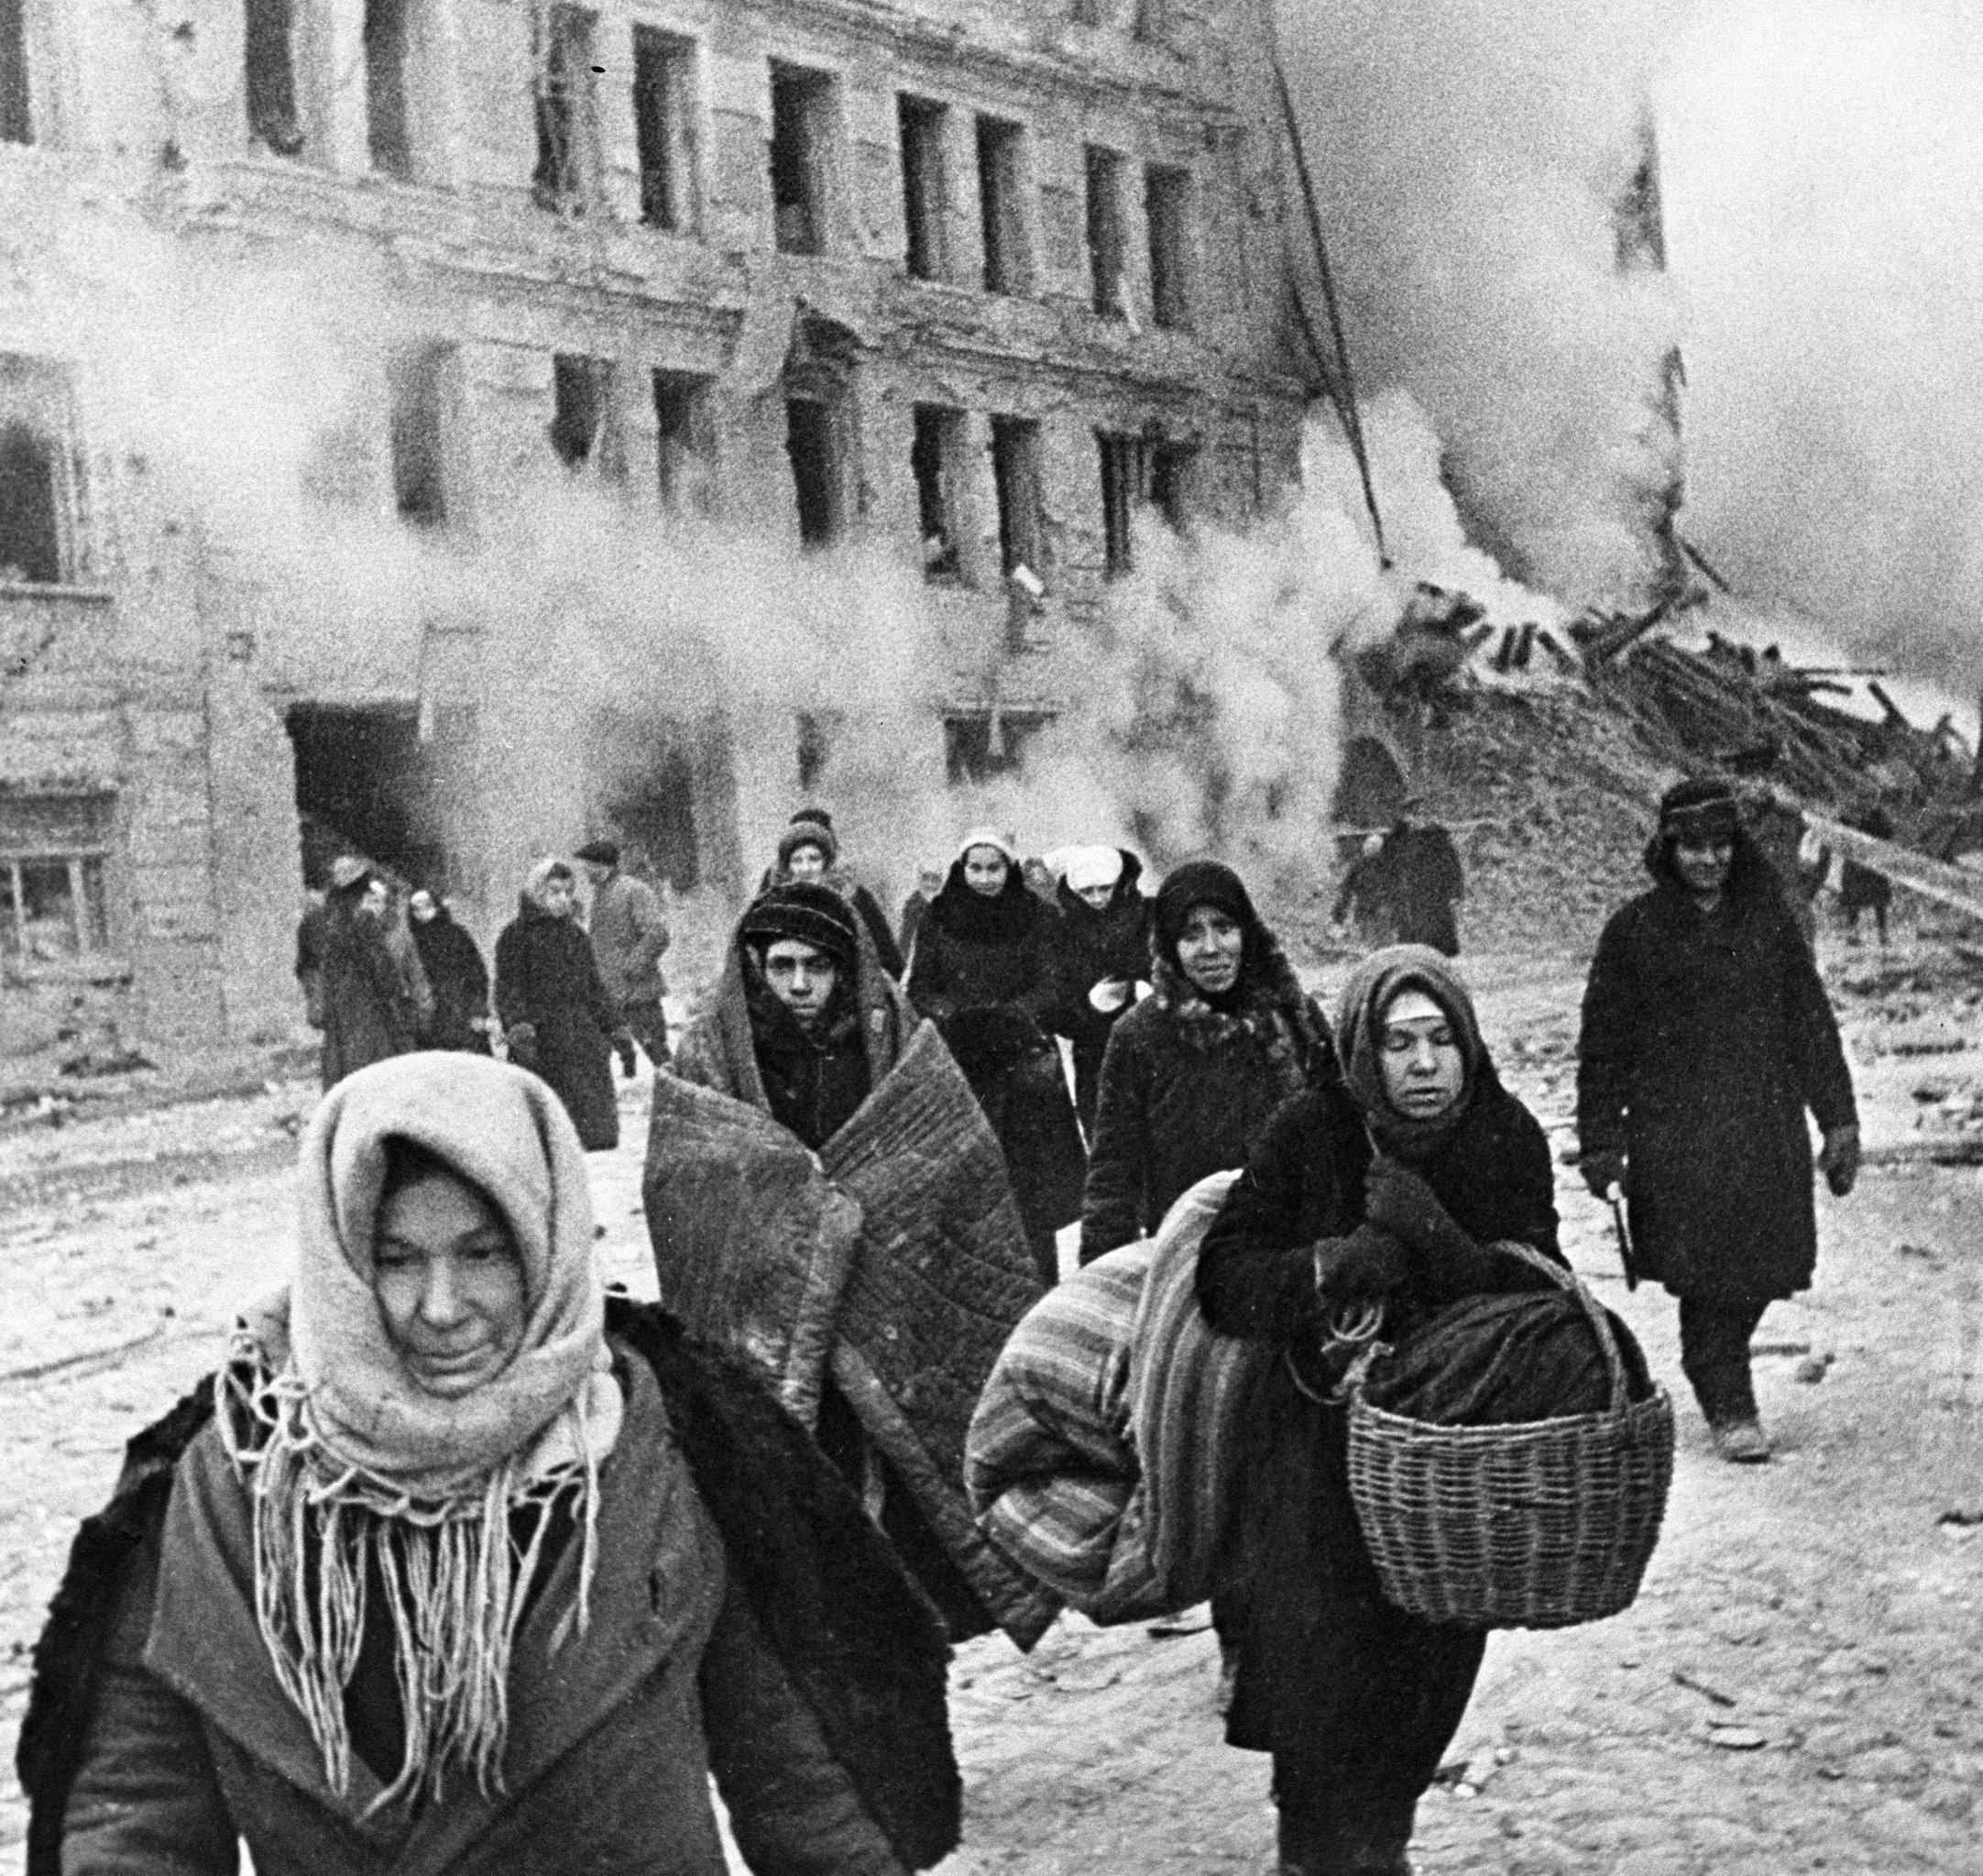 Il était une fois Leningrad, ville martyrisée par les nazis